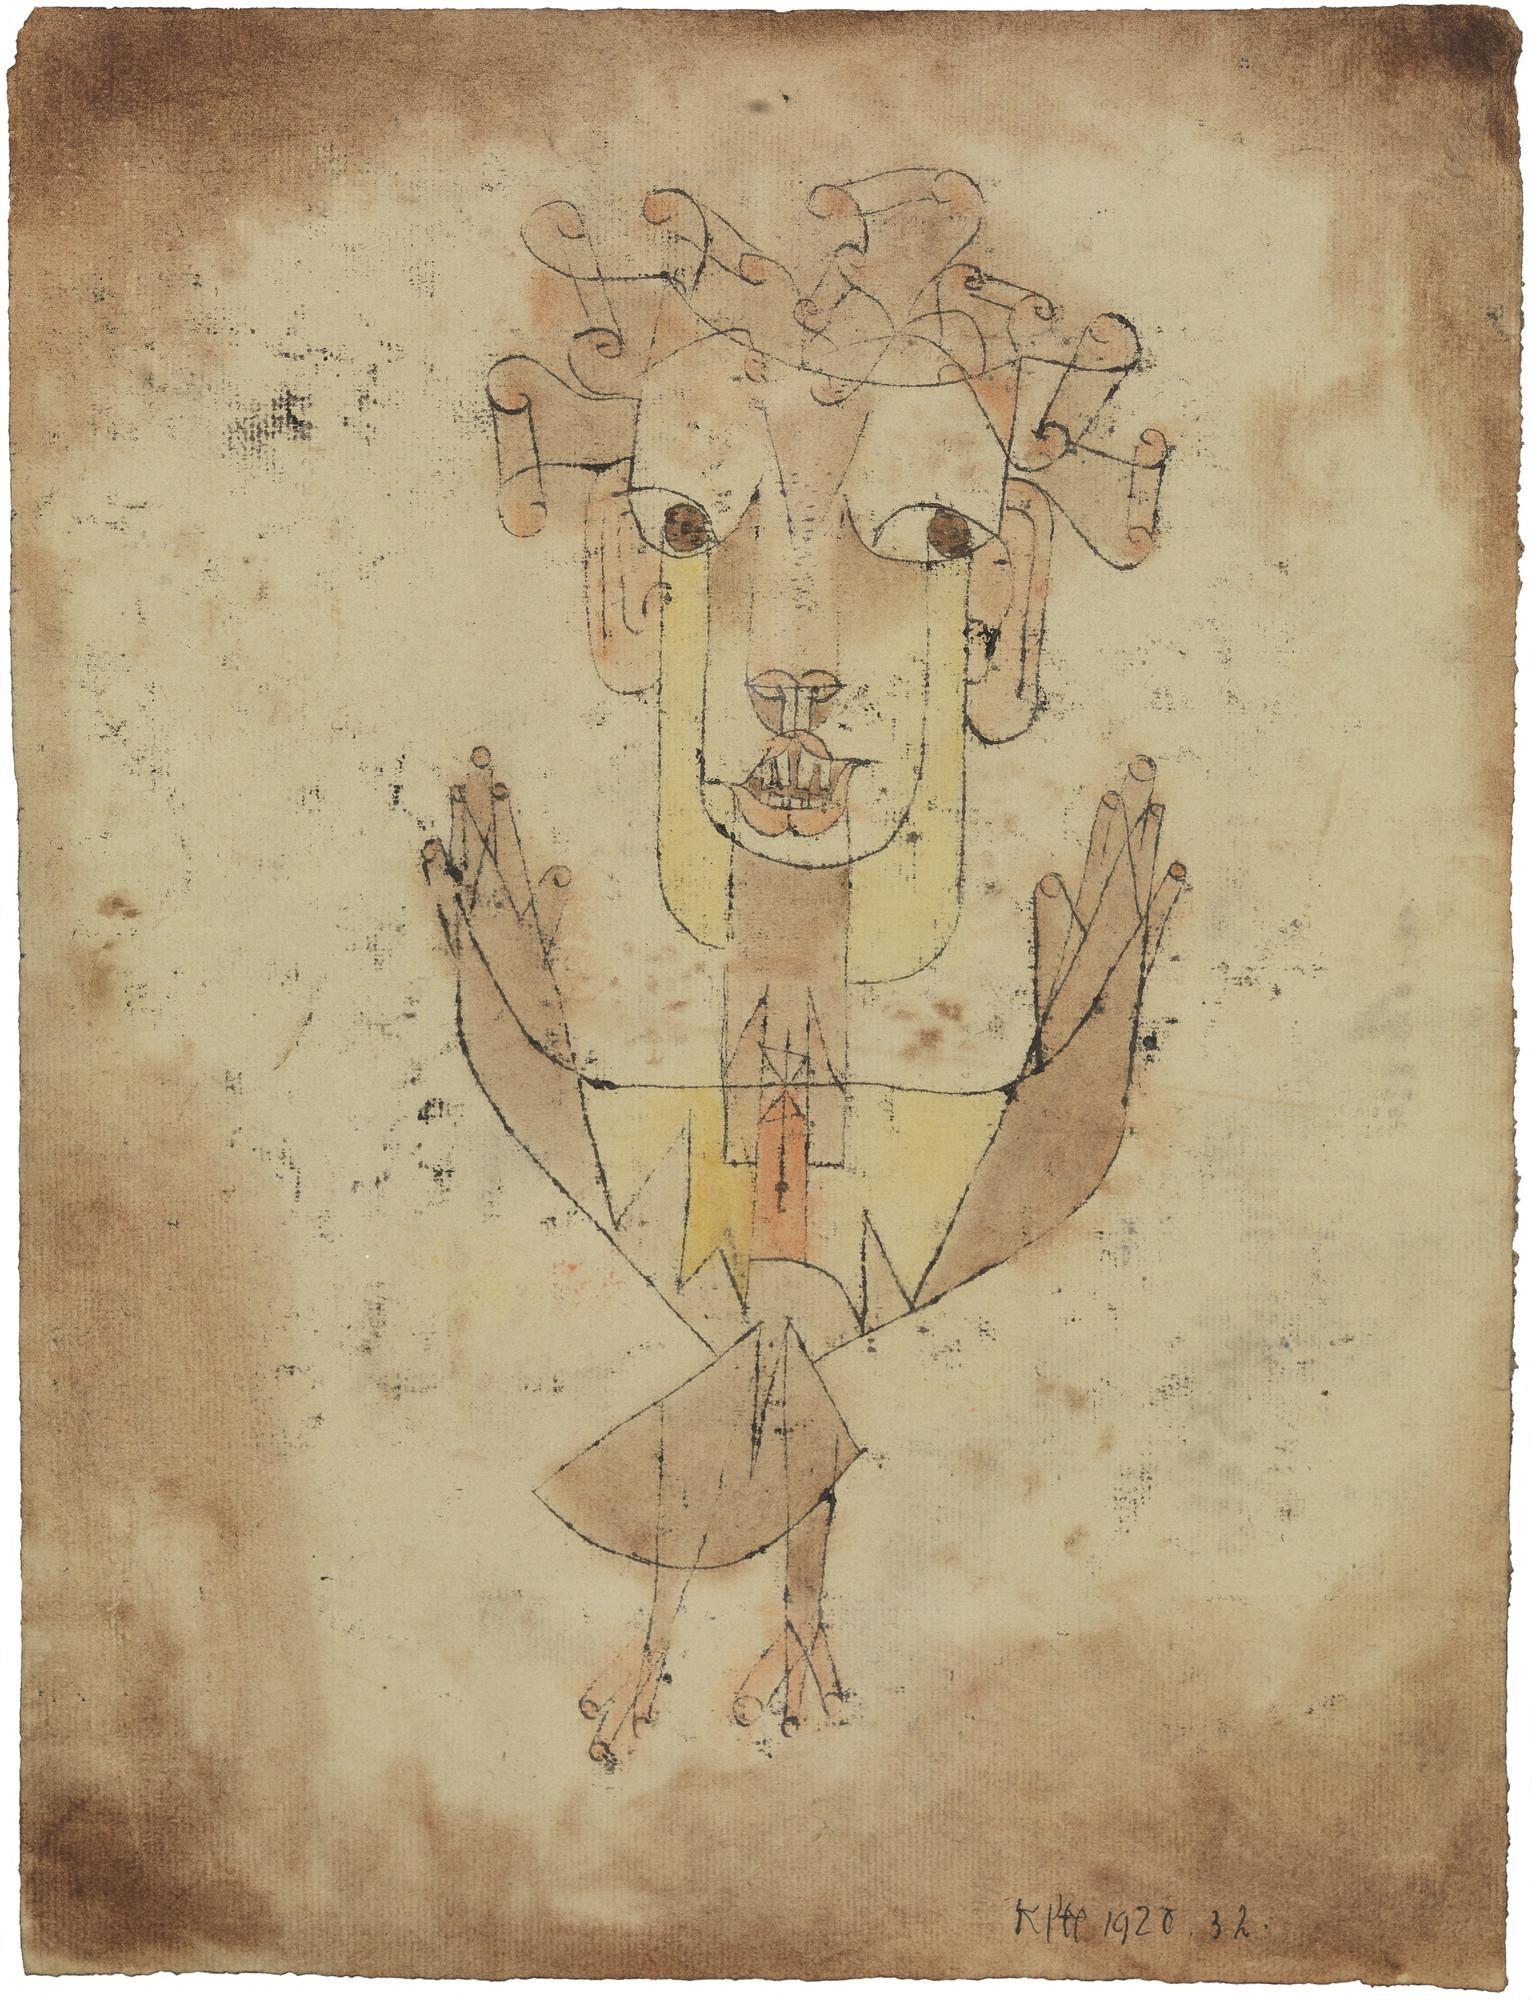 Angelus Novus, e. Paul Klee